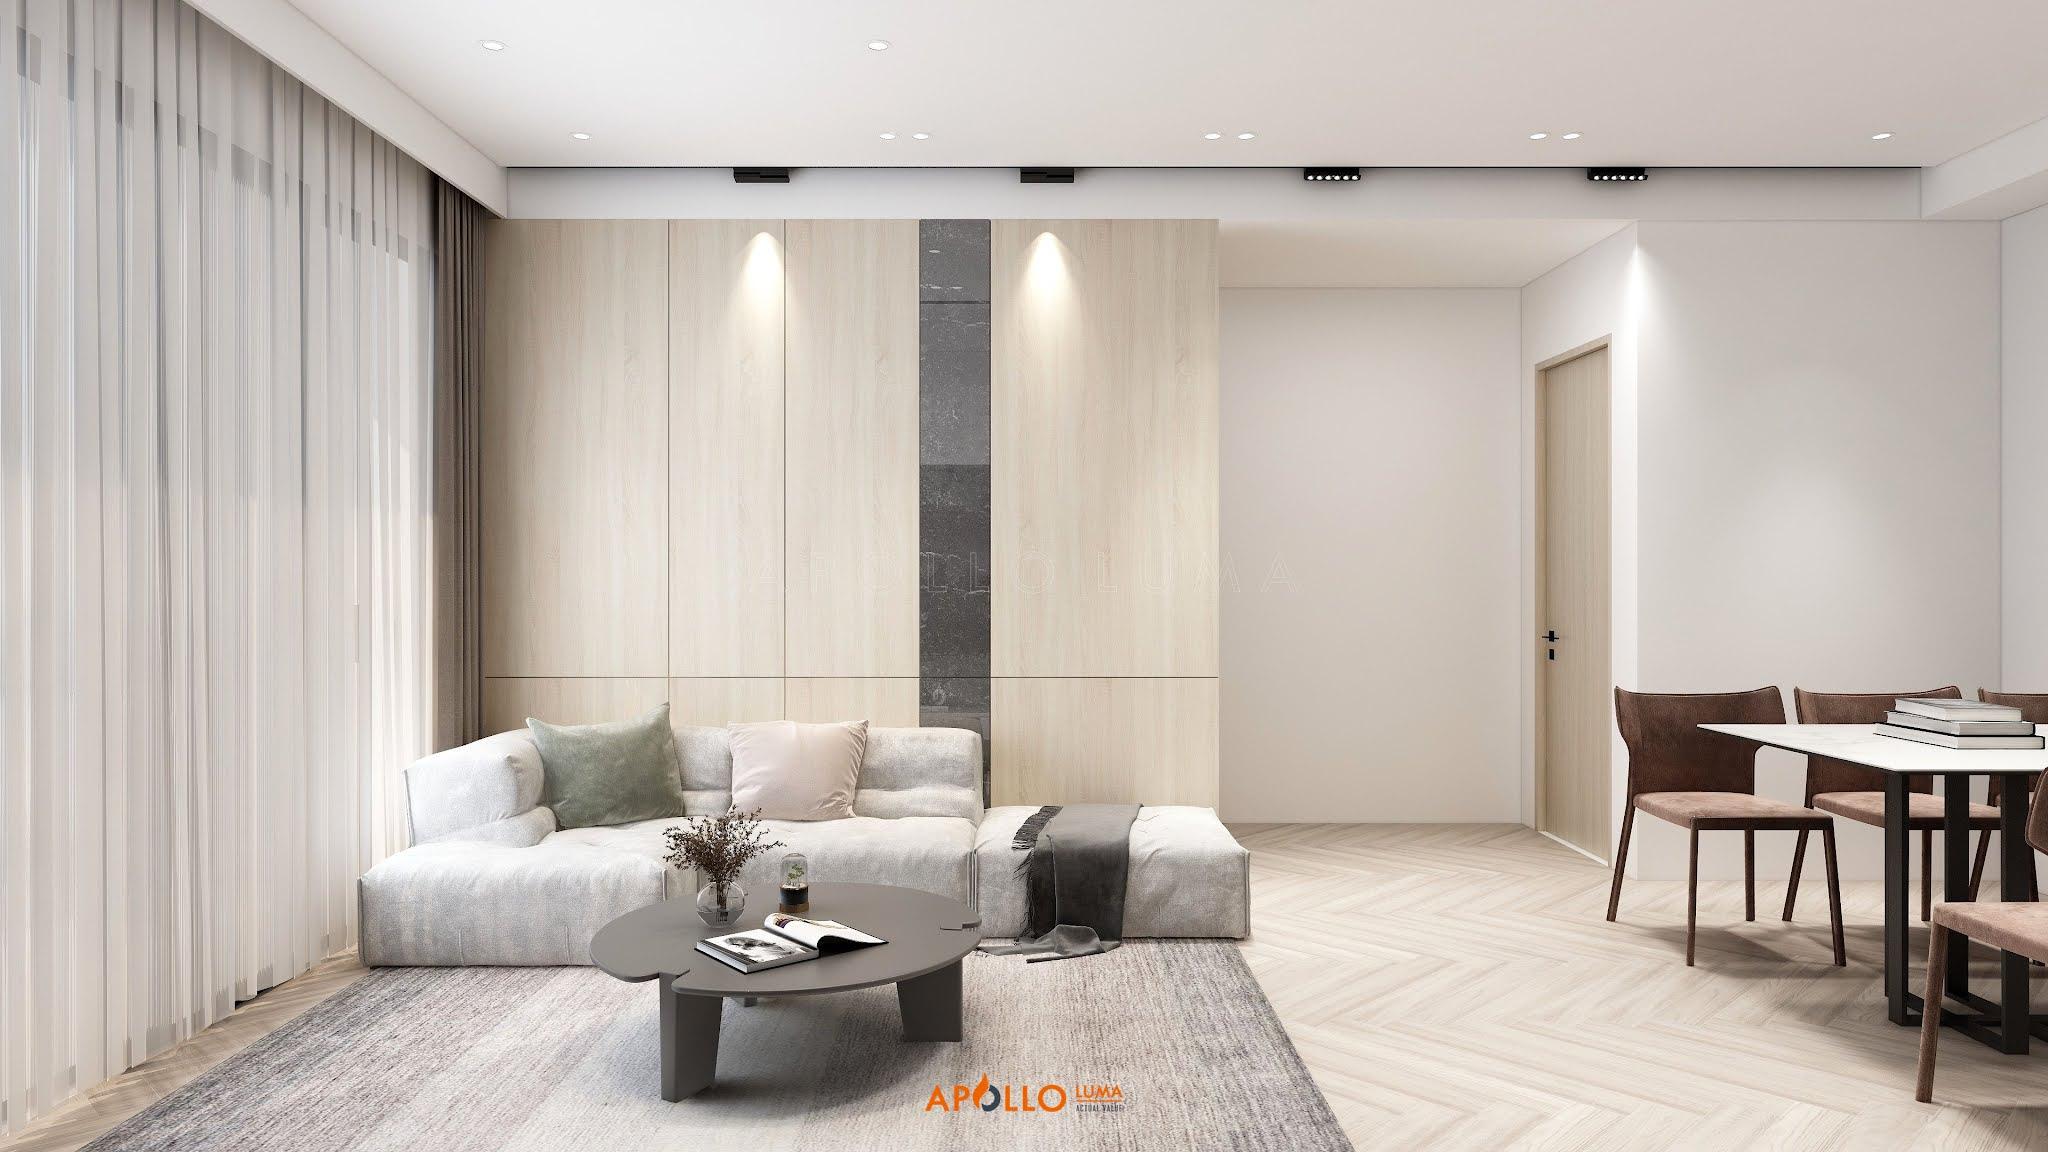 Thiết kế nội thất căn hộ 3 phòng ngủ (A1.02) Phương Đông Green Park